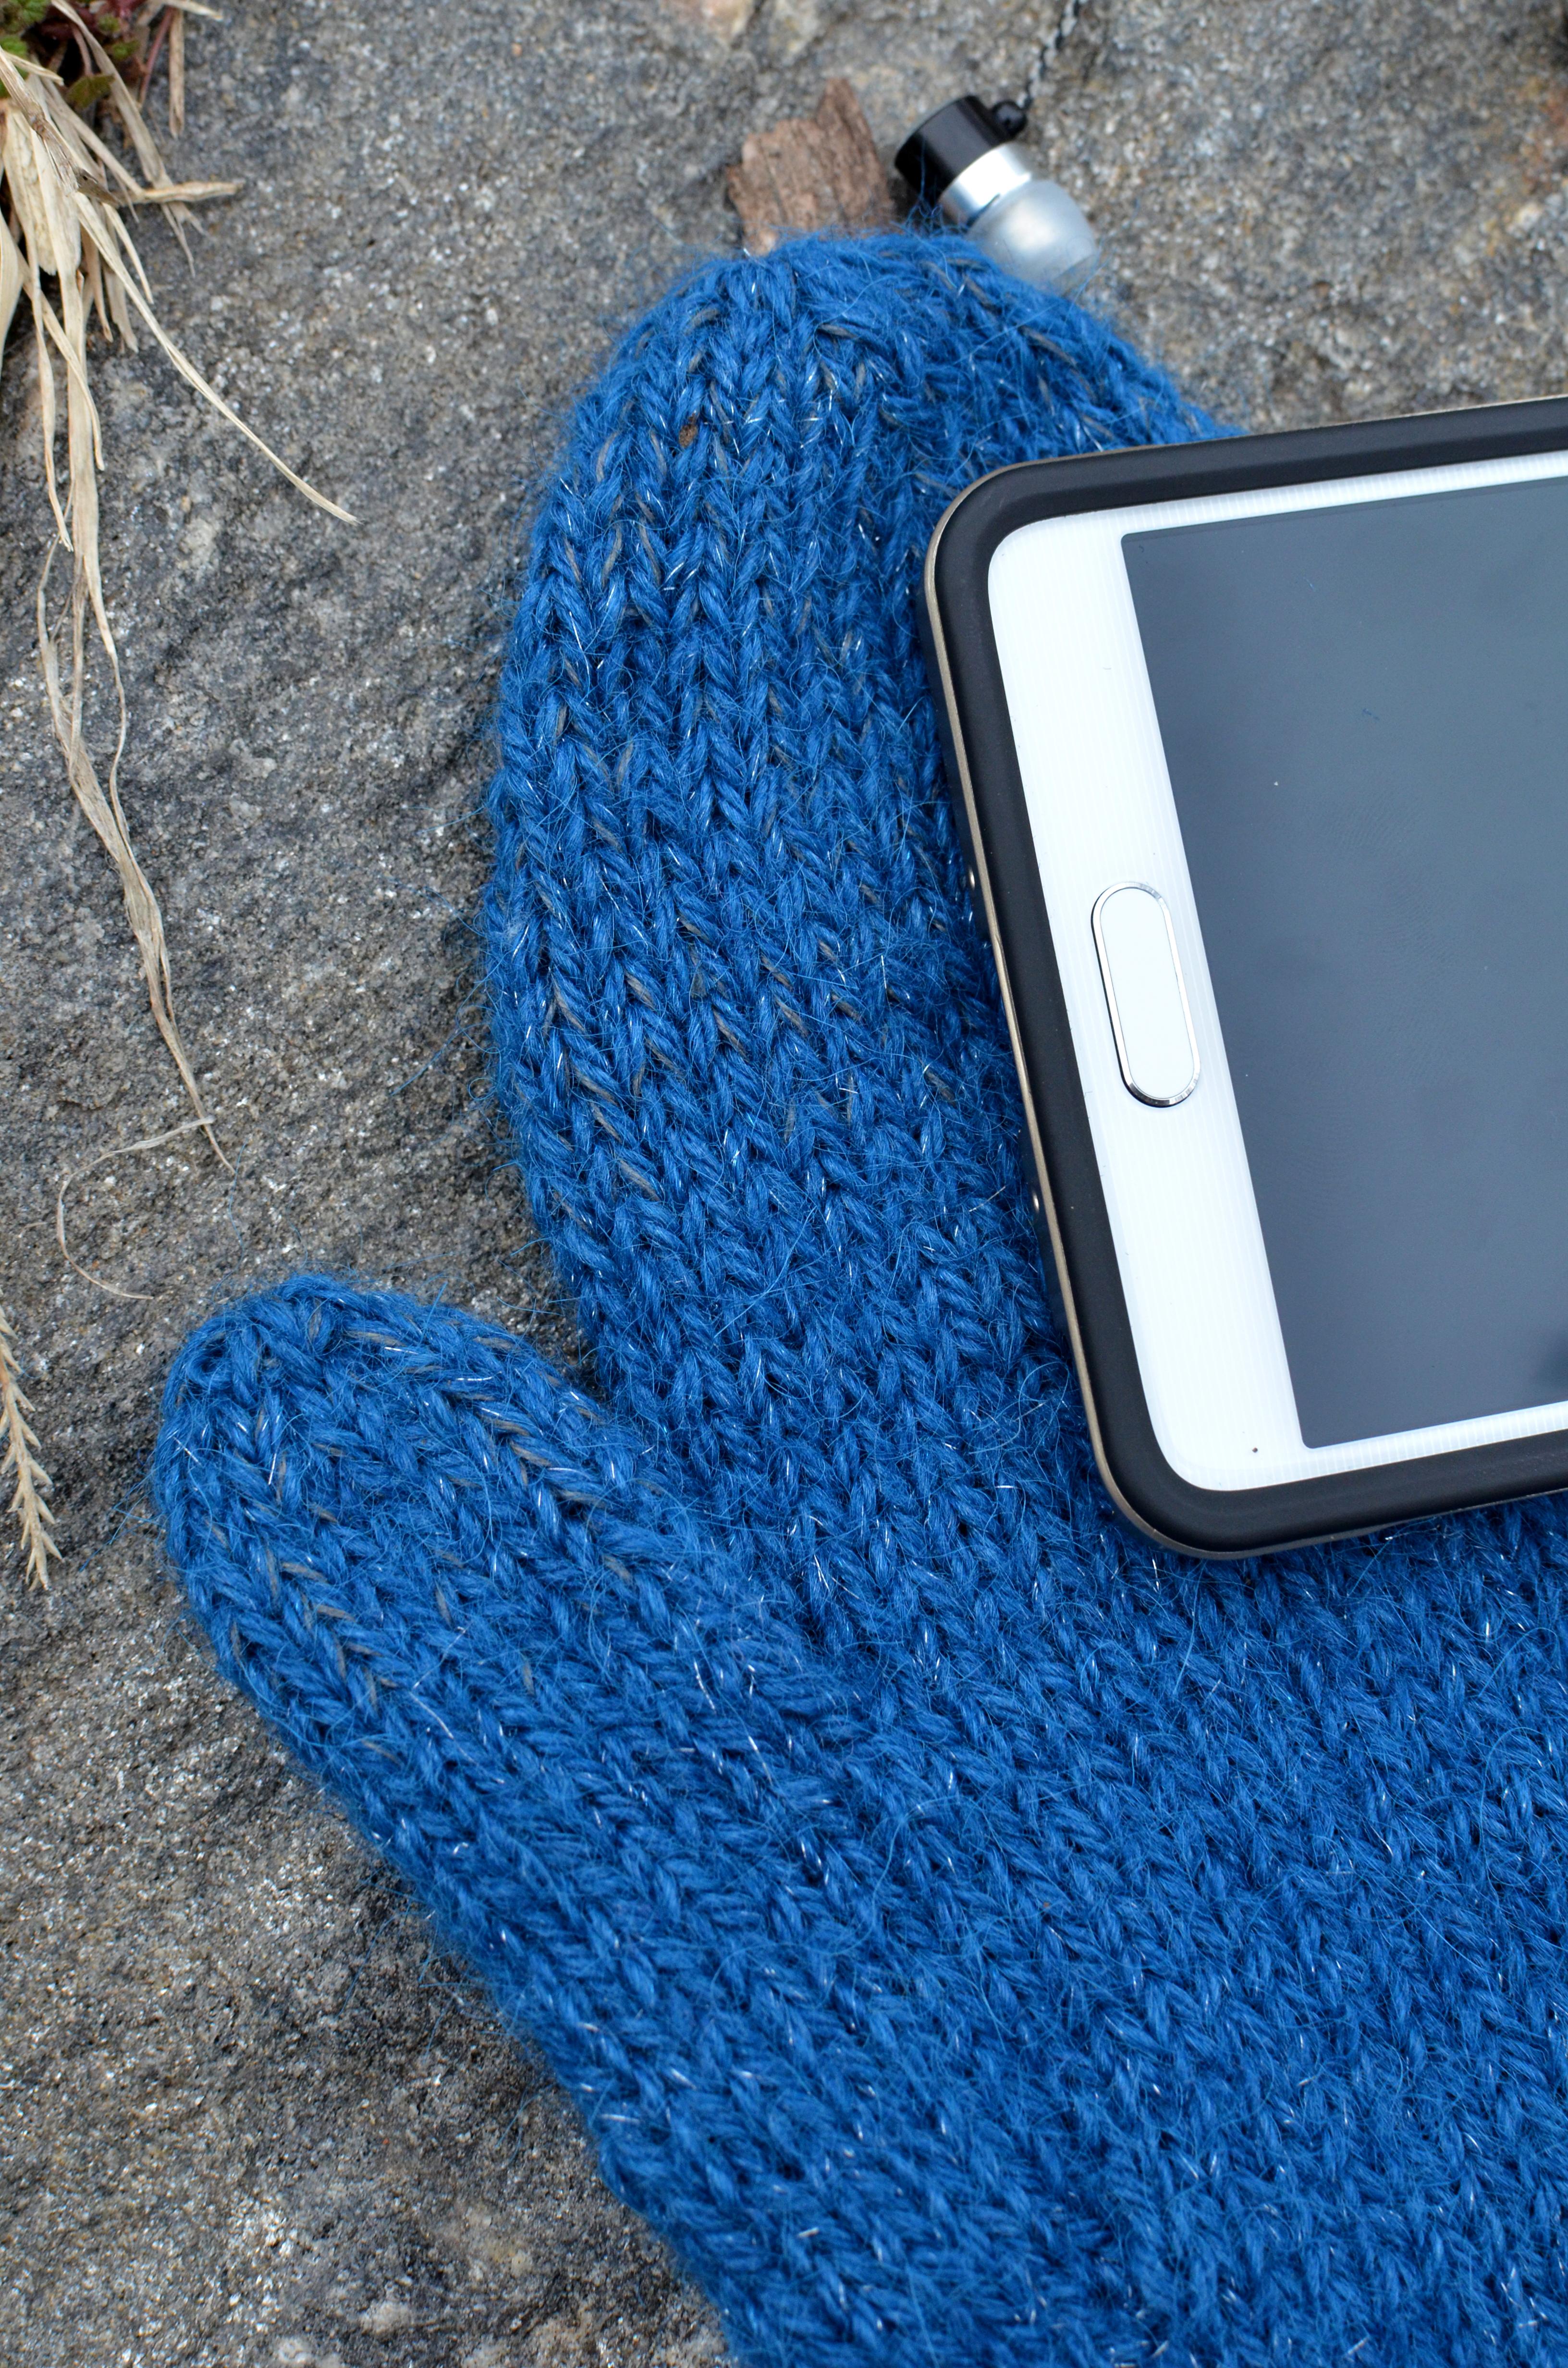 braincrafts_smart-phone-mittens-22.jpg